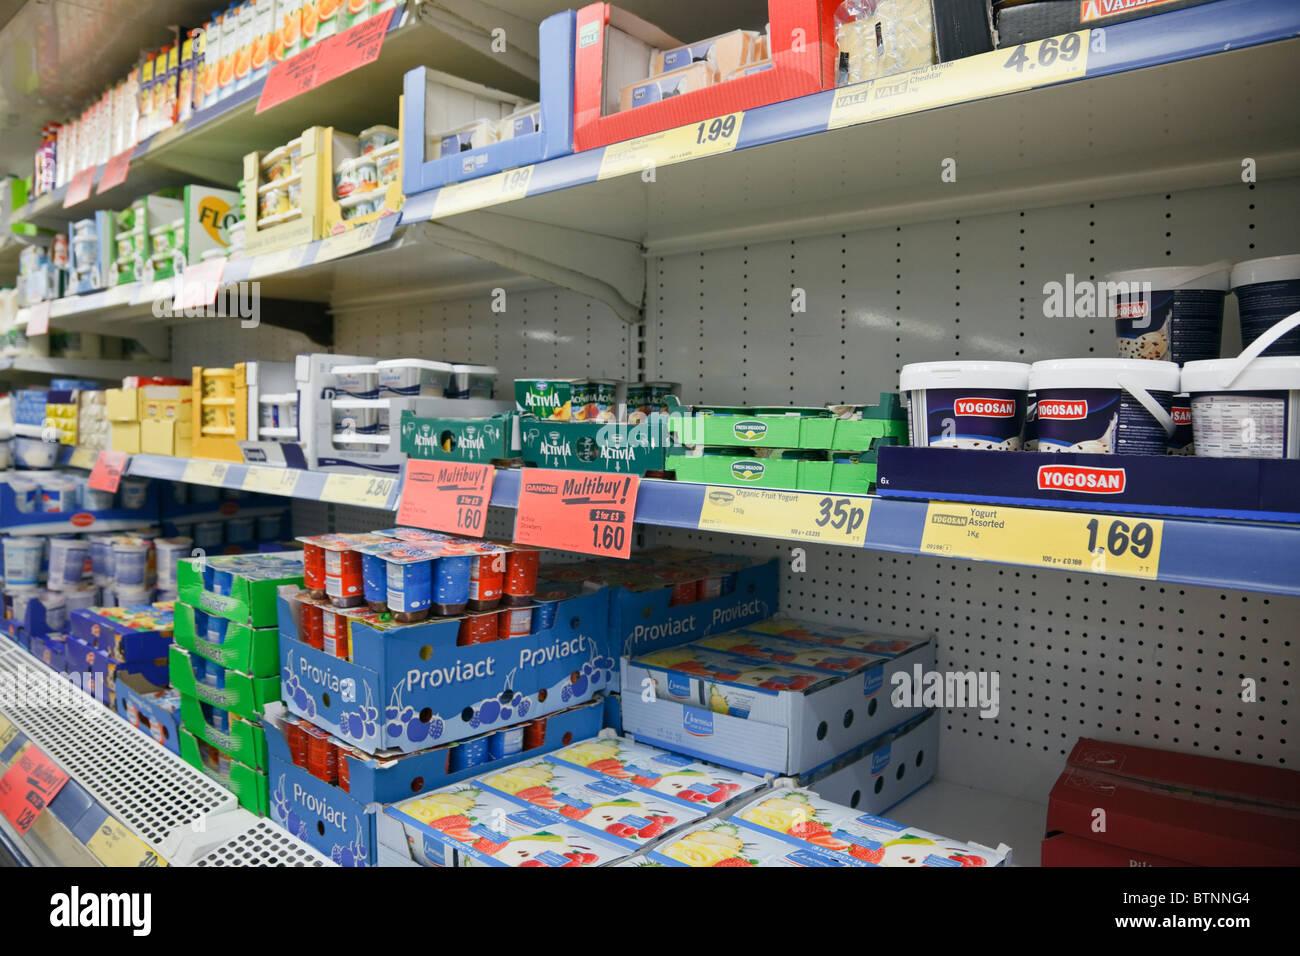 Regno Unito, Gran Bretagna. Prodotti lattiero-caseari, burro e yogurt in vendita sugli scaffali del supermercato Immagini Stock